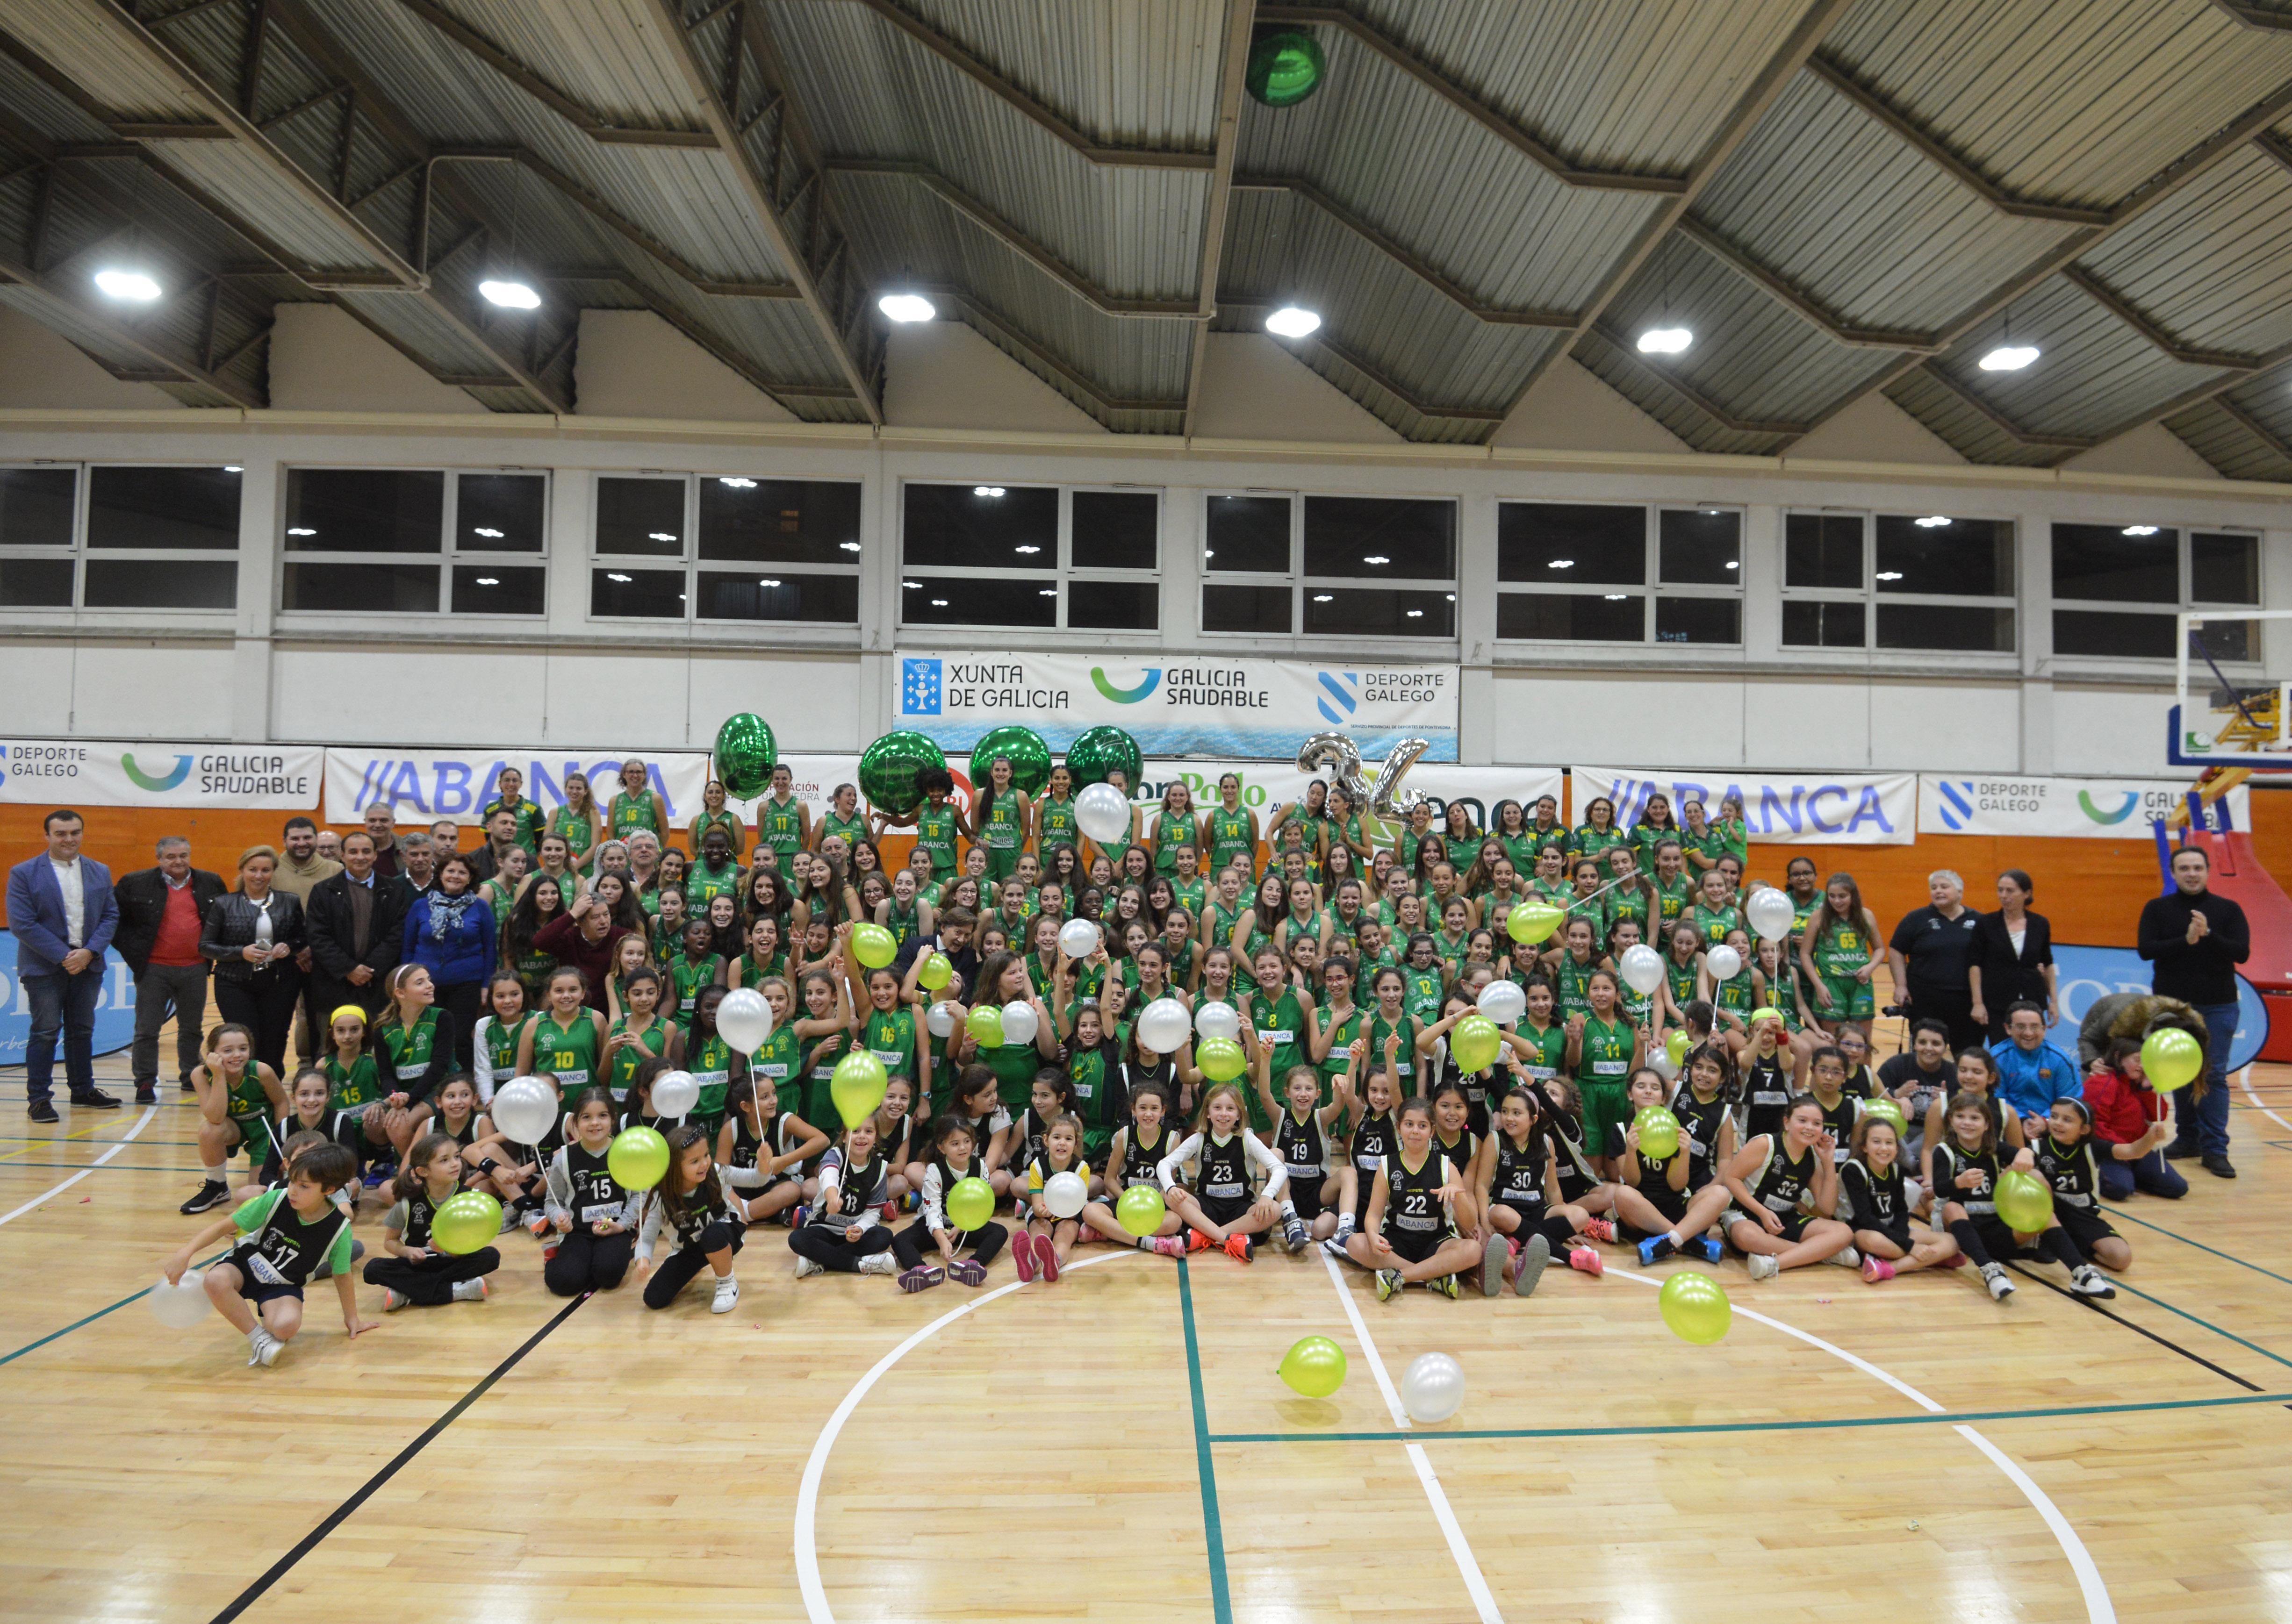 Presentación dos equipos do Club Baloncesto Arxil para a tempada 2018-201